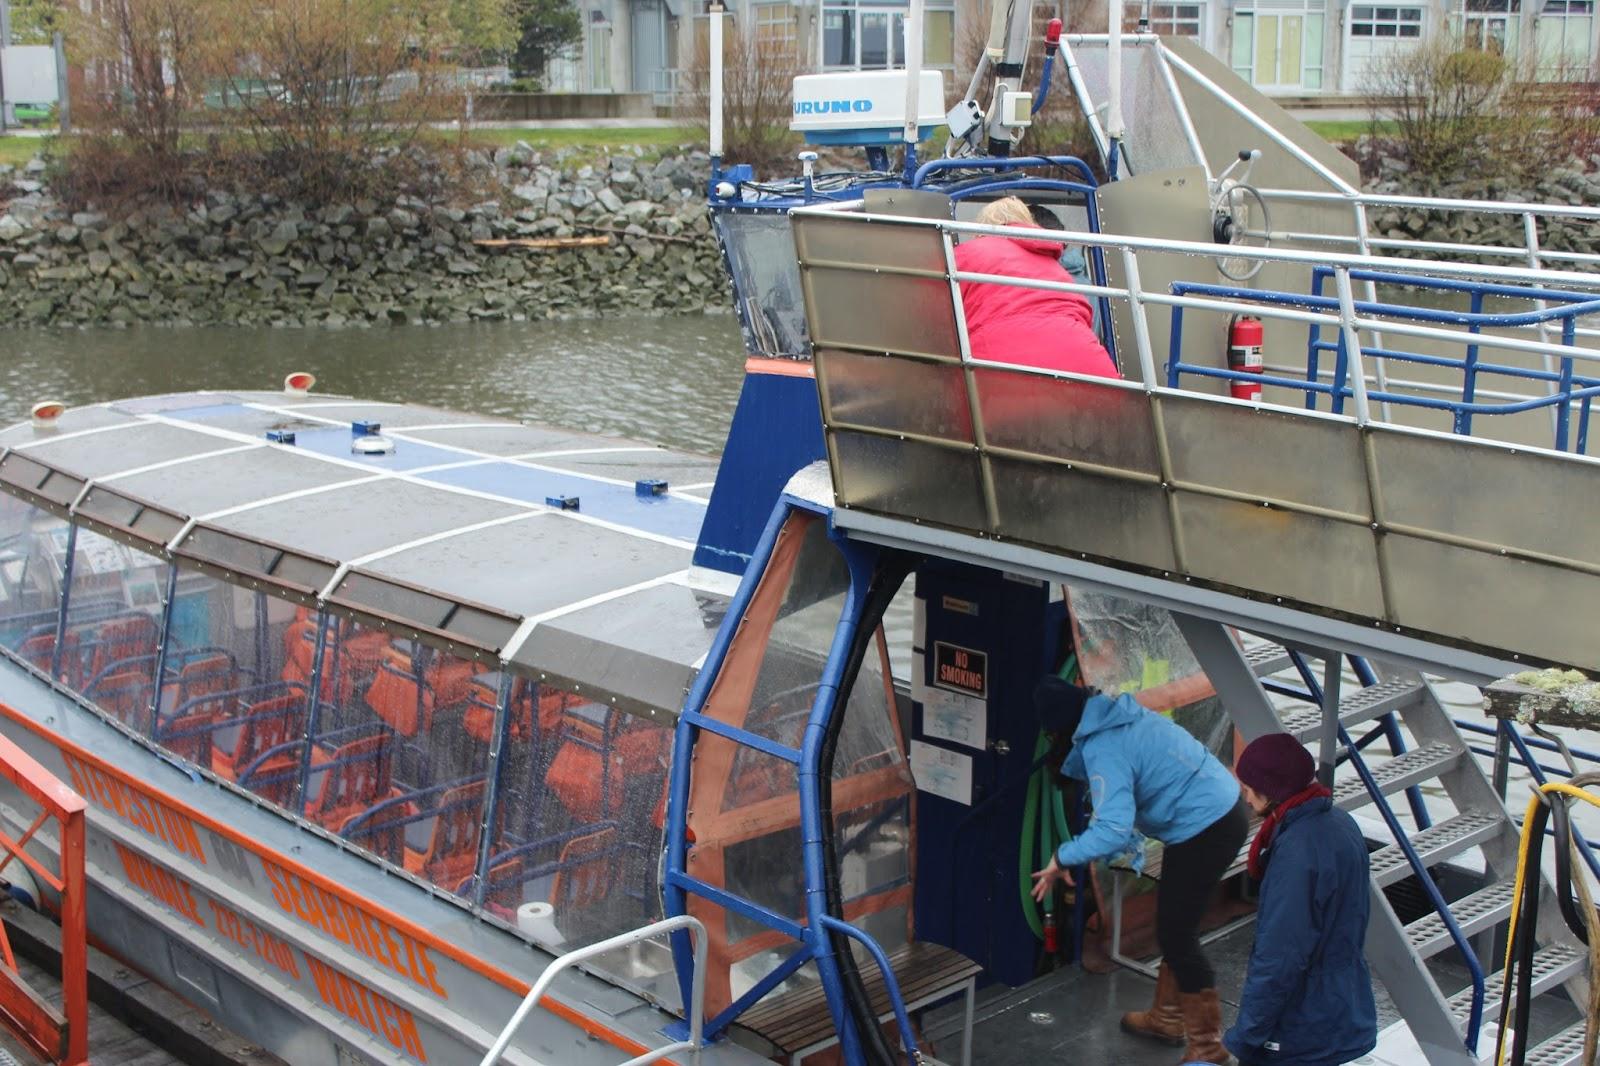 dad59bc79d Innen kihajóztunk a nyílt vízre, átmentünk a Vancouver sziget melletti  szigetek közé. Ezen az egy órás hajóúton, miközben a túlélésért küzdöttem,  ...